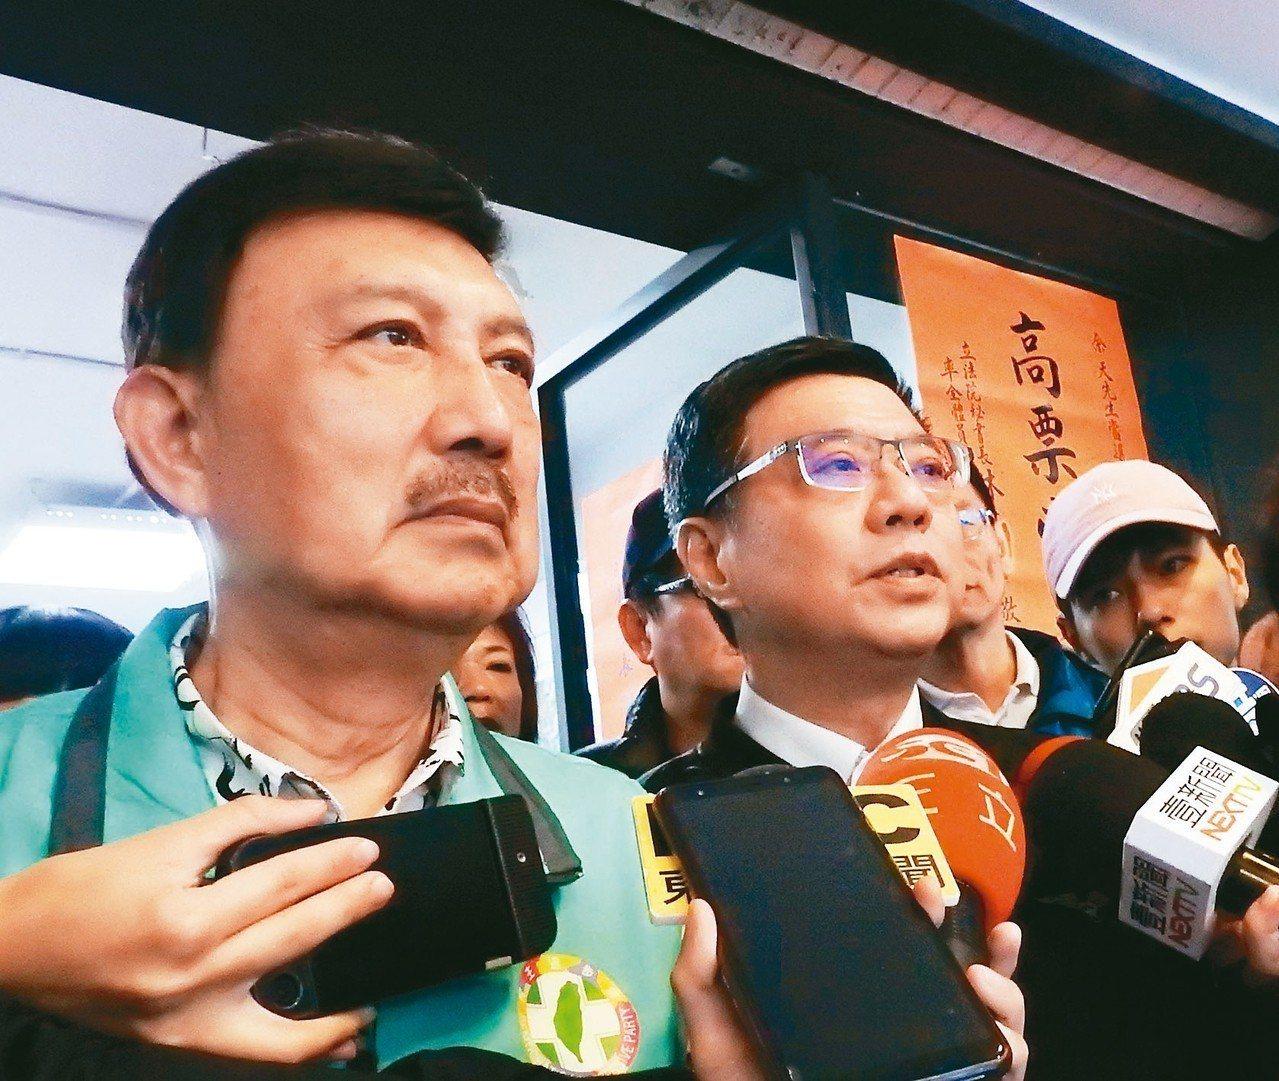 民進黨主席卓榮泰(左二)昨天陪同民進黨新北市三重立委補選當選人余天(左)謝票時說...